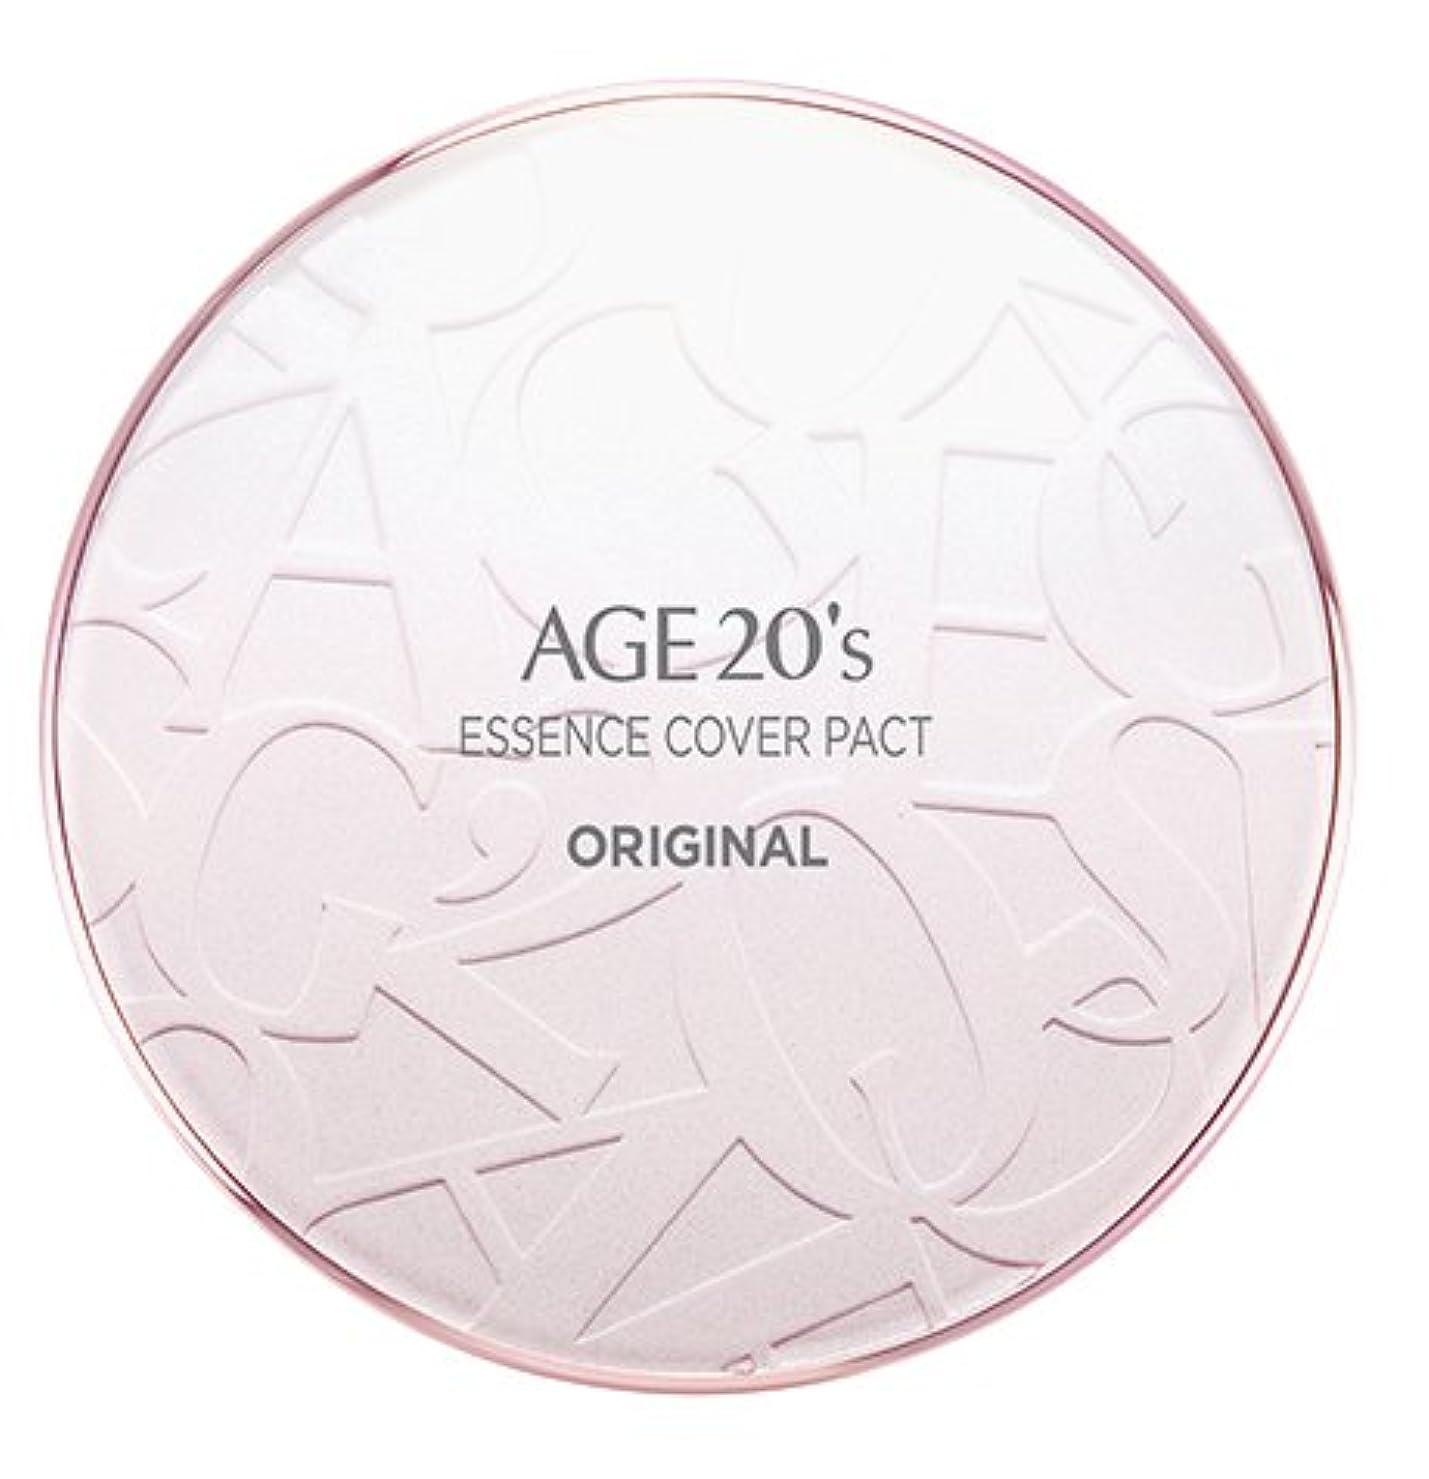 書道佐賀スーパーAGE 20's Essence Cover Pact Original [Pink Latte] 12.5g + Refill 12.5g (#21)/エイジ 20's エッセンス カバー パクト オリジナル [ピンクラテ] 12.5g + リフィル 12.5g (#21) [並行輸入品]